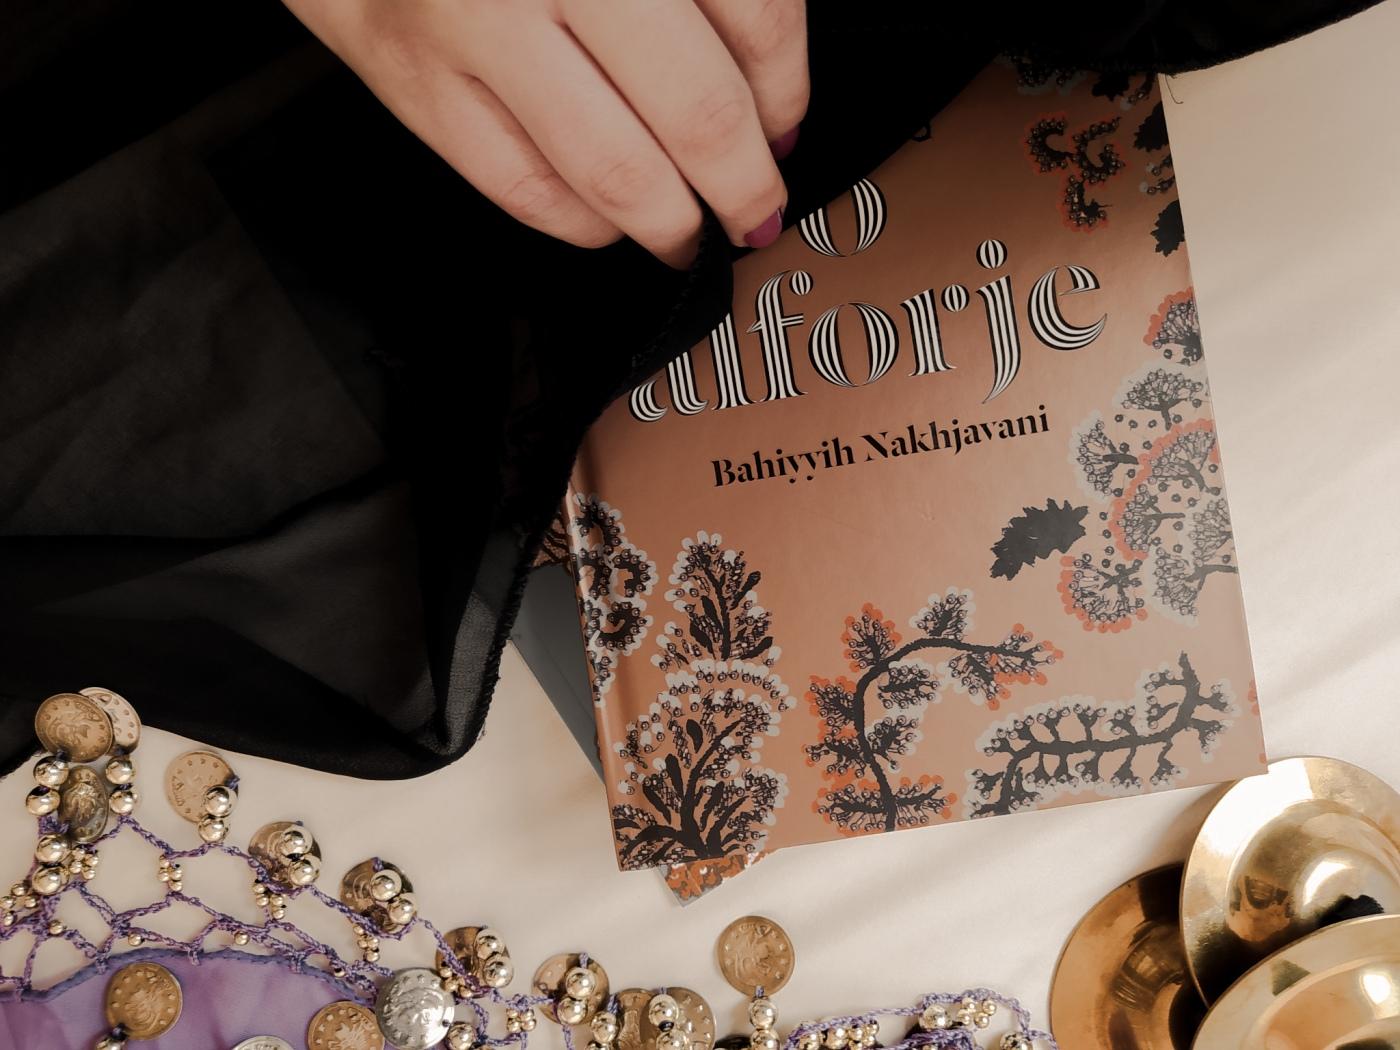 """Minha mão tirando um véu de cima do livro """"O Alforje"""". Abaixo do livro, há um lenço com moedas presas por bordados e três snujs (pratinhos de metal usados na dança do ventre de forma similar às castanholas)."""